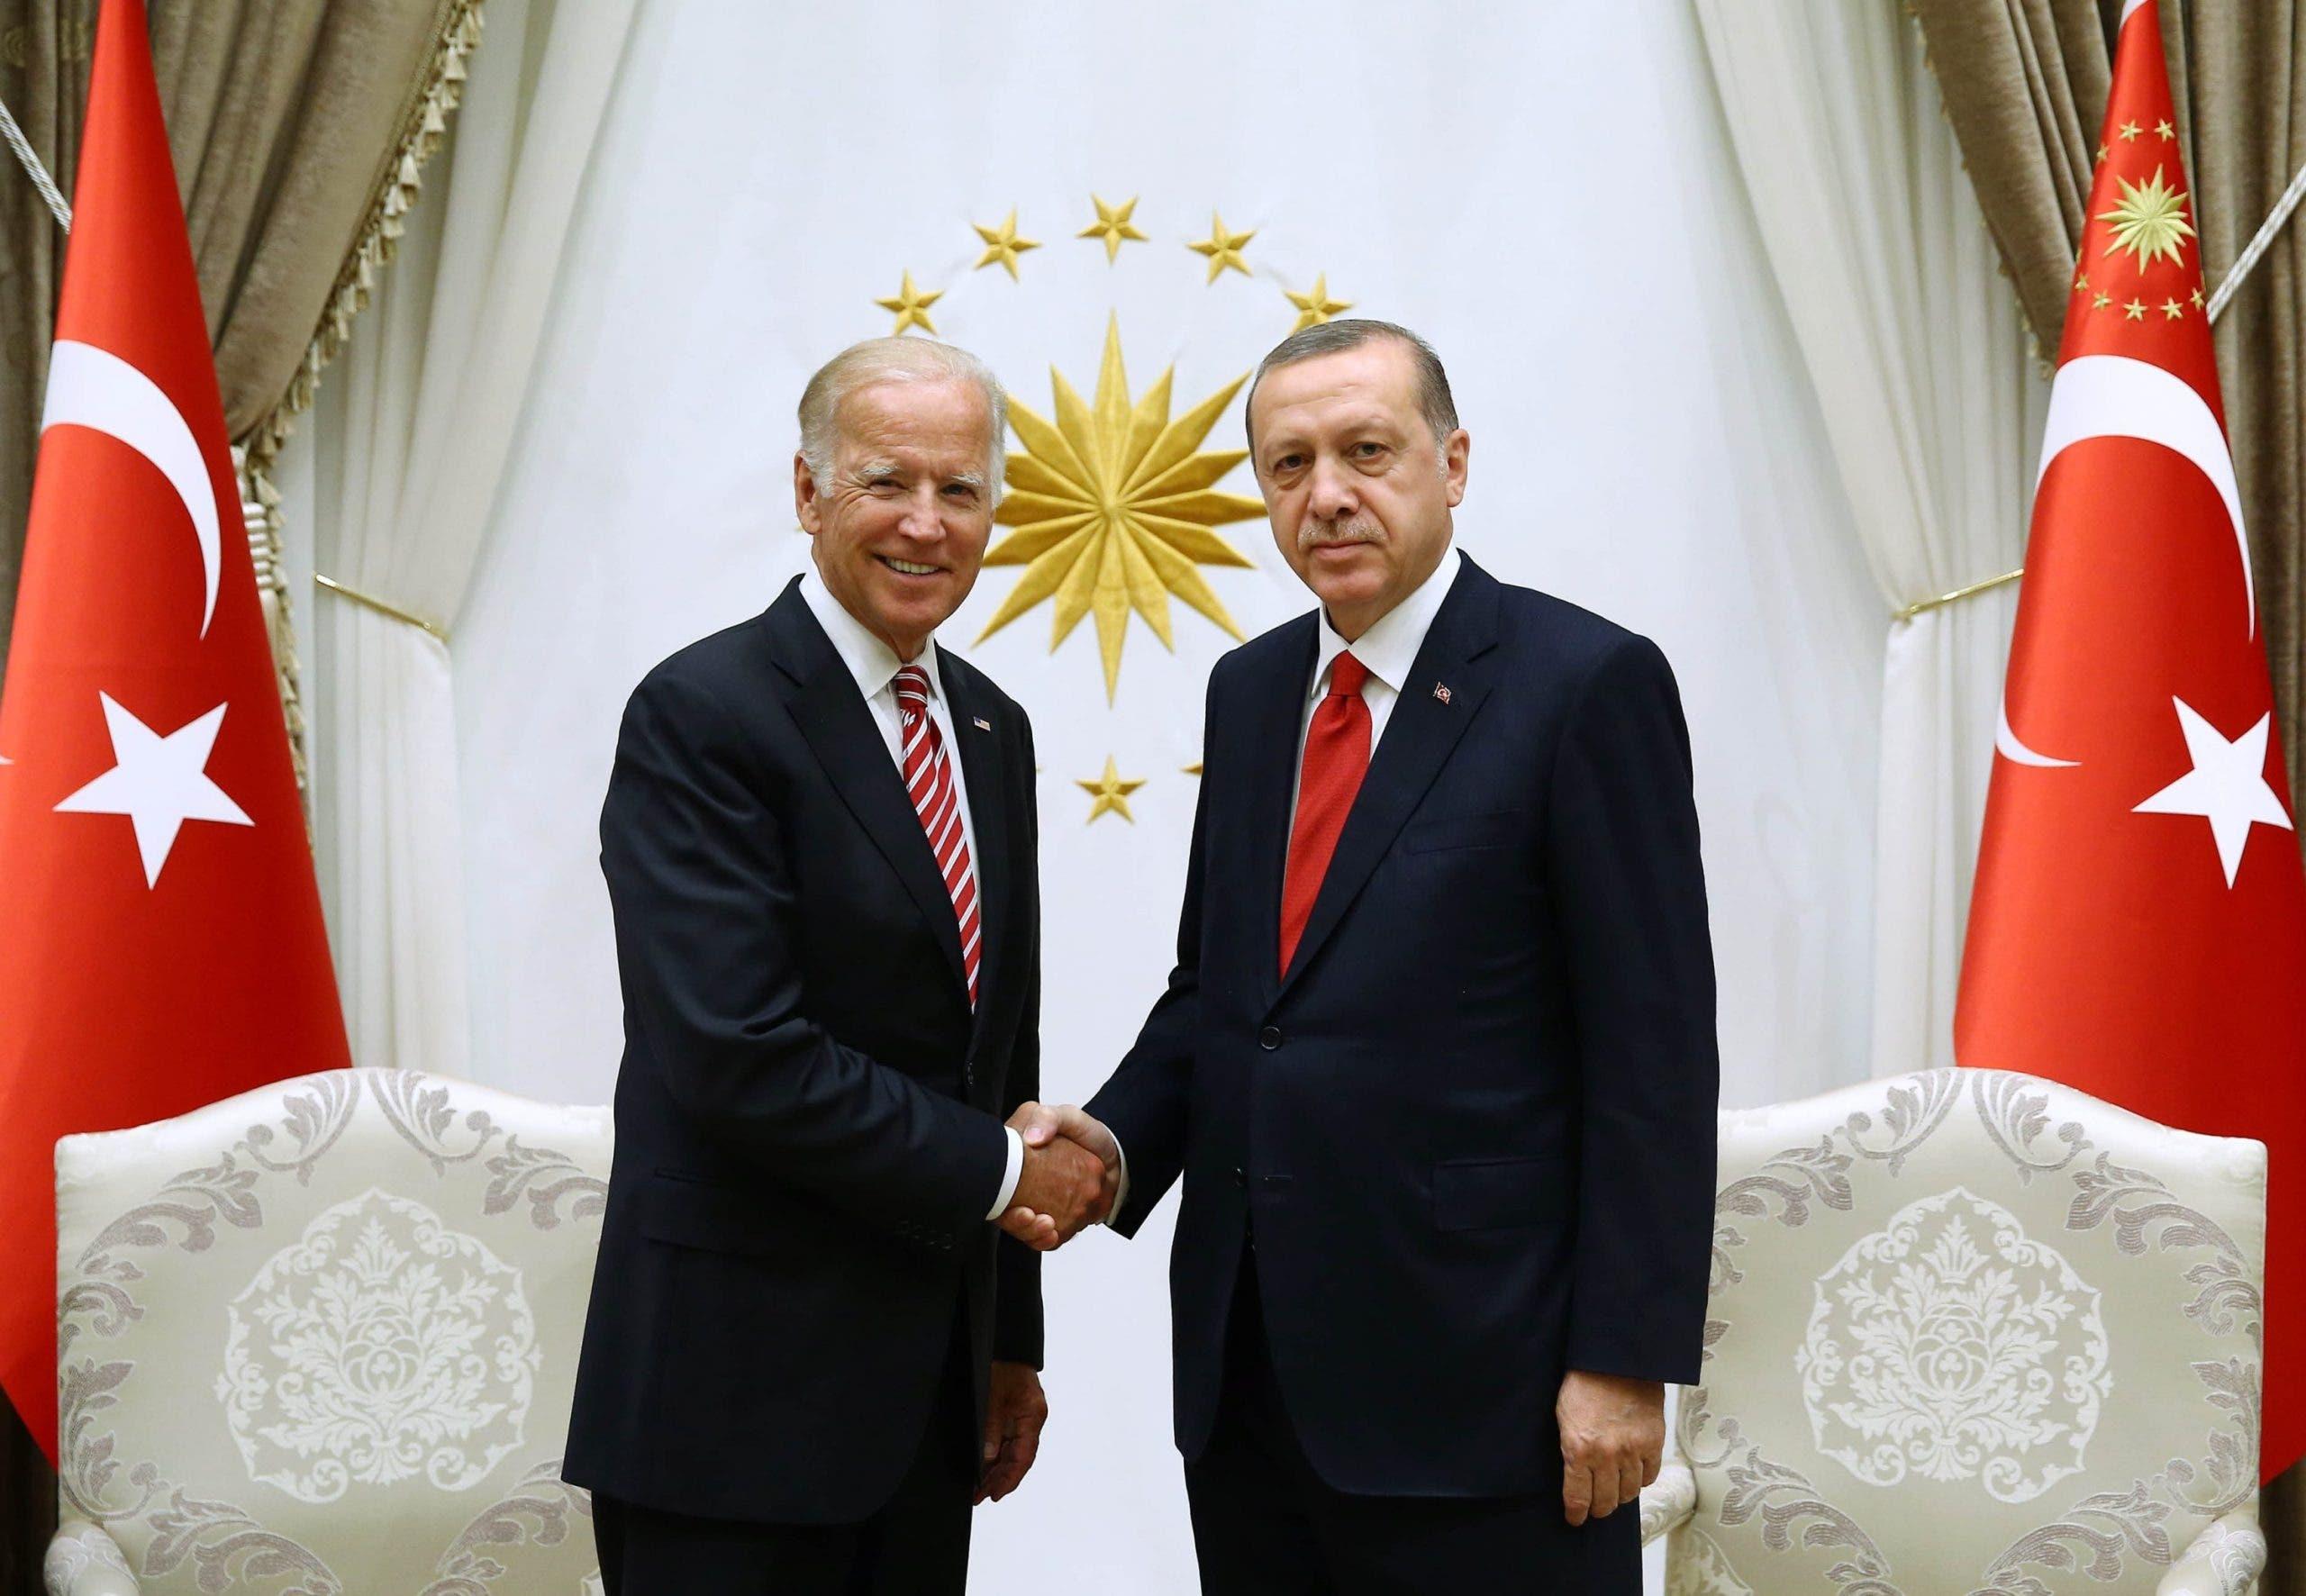 Biden 'oo ka niyad jabay' tallaabo uu qaaday Erdogan